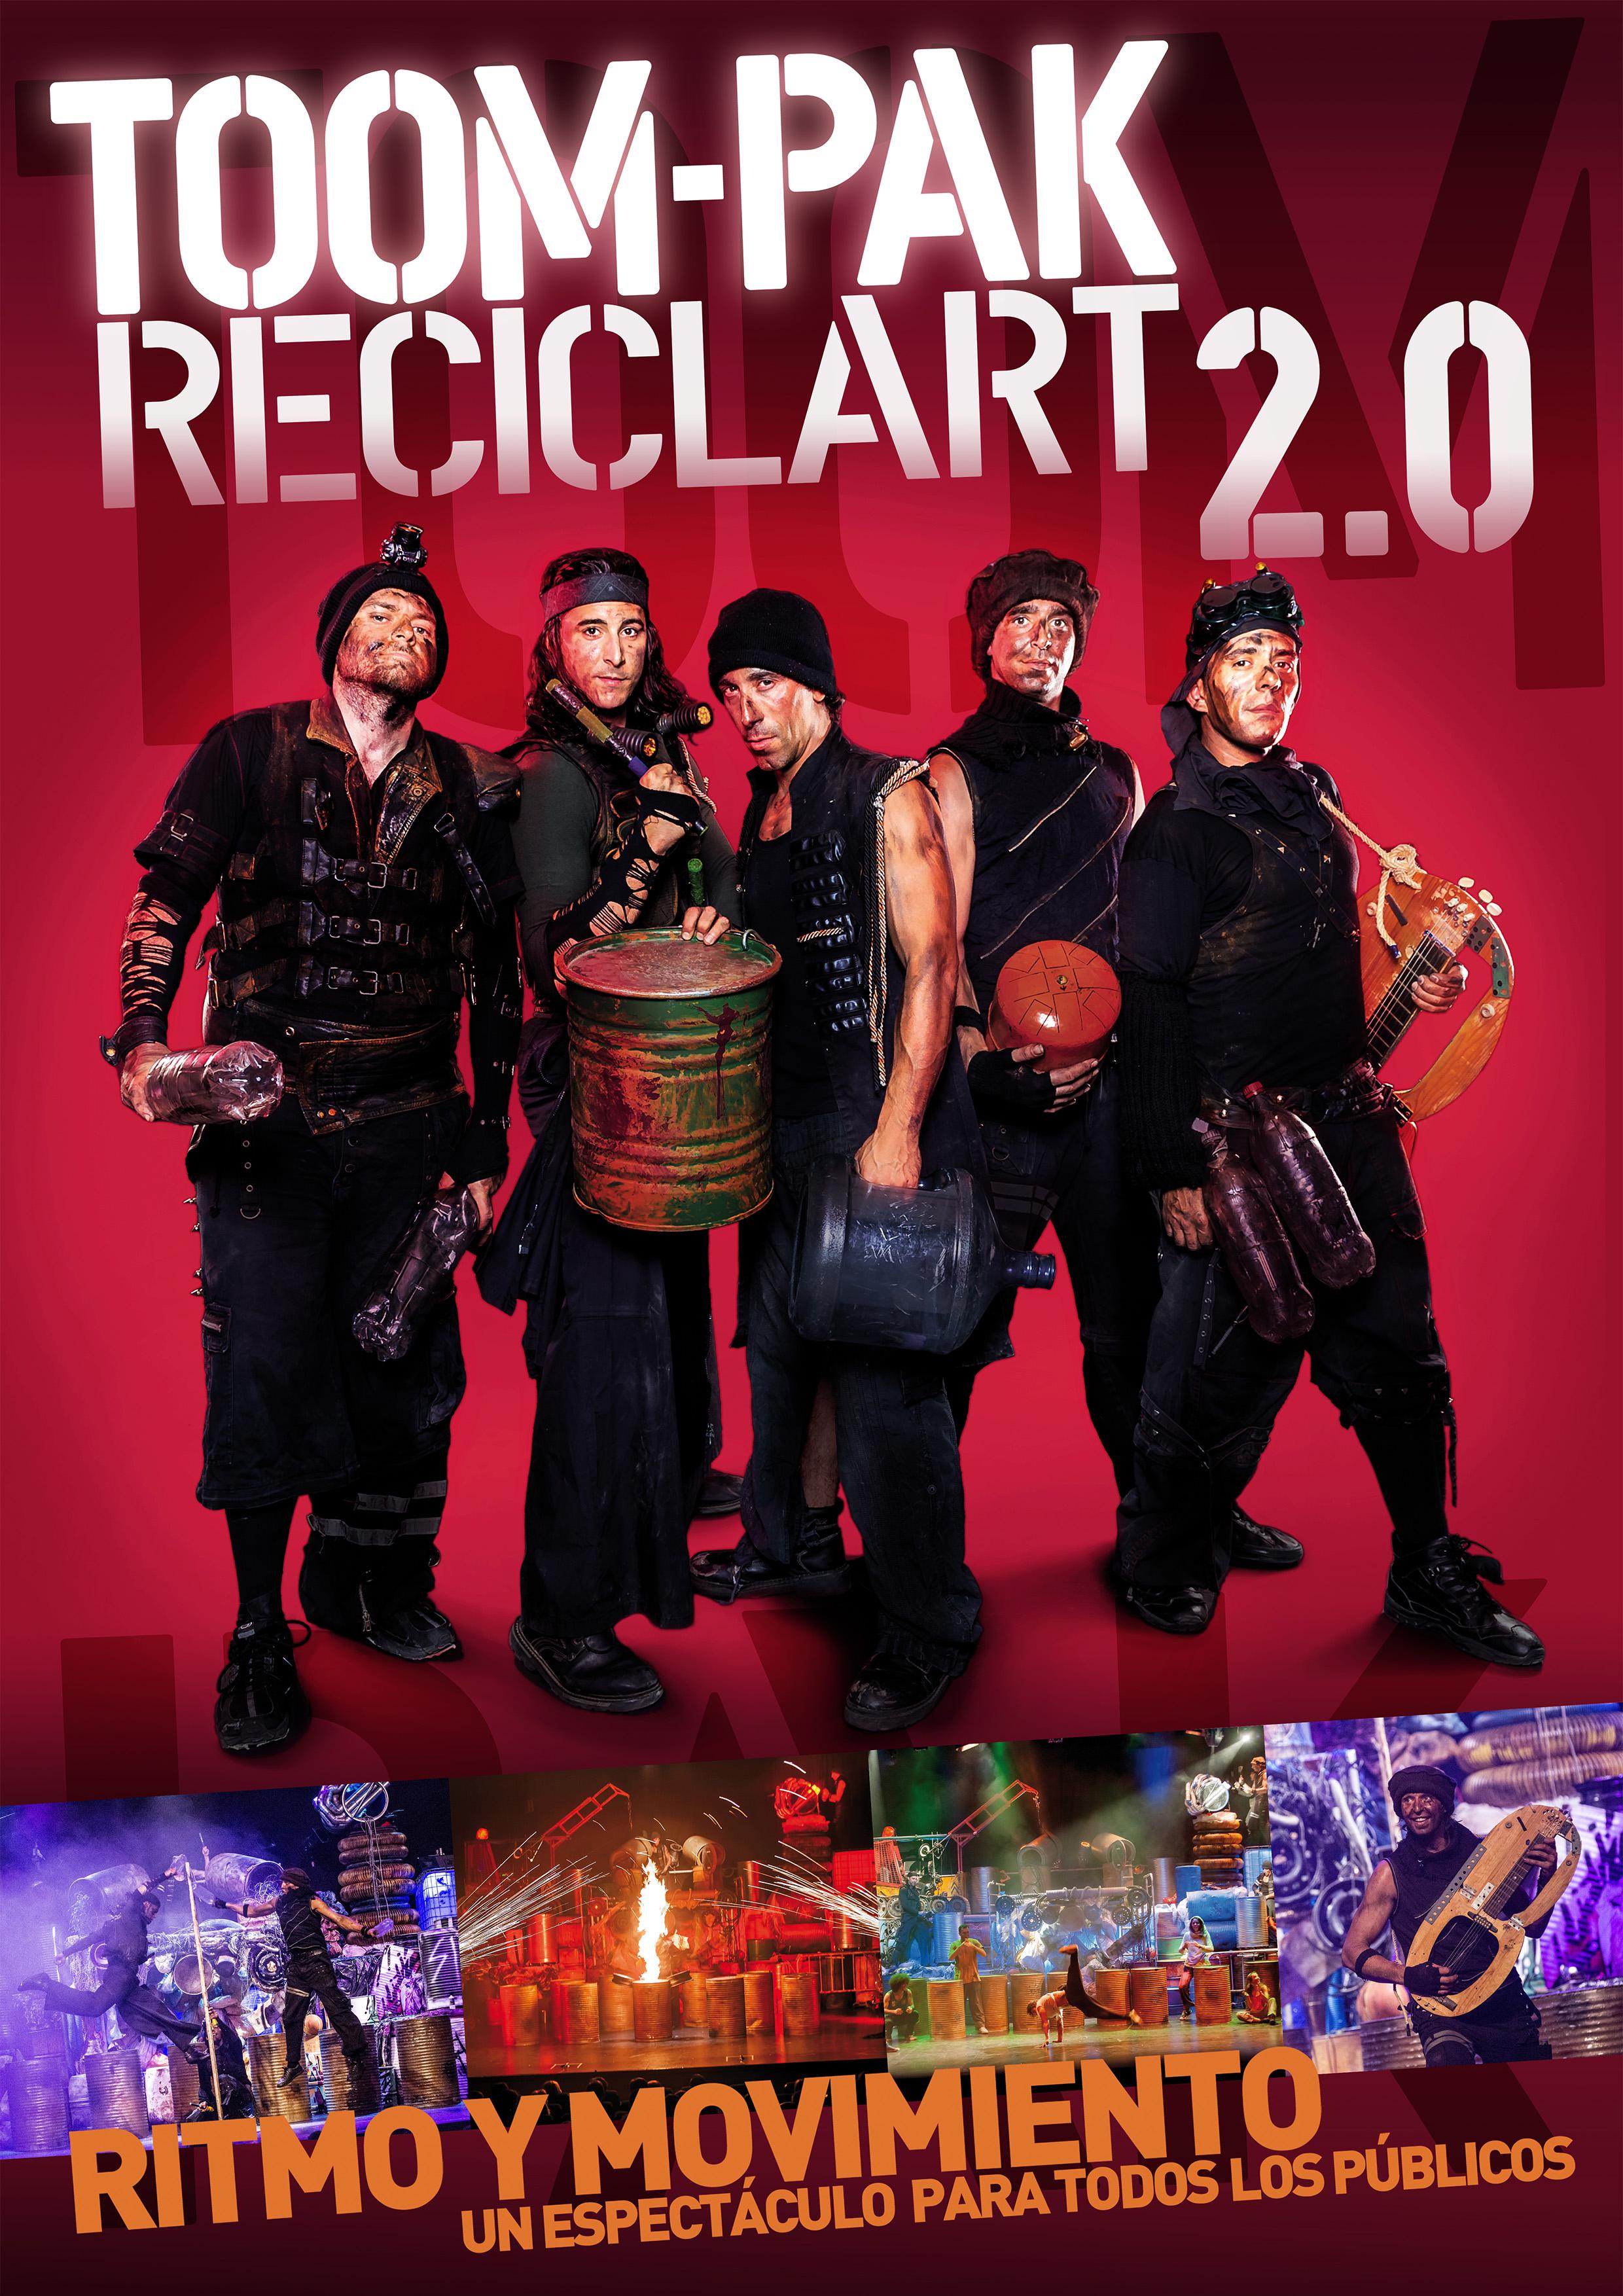 Reciclart 2.0